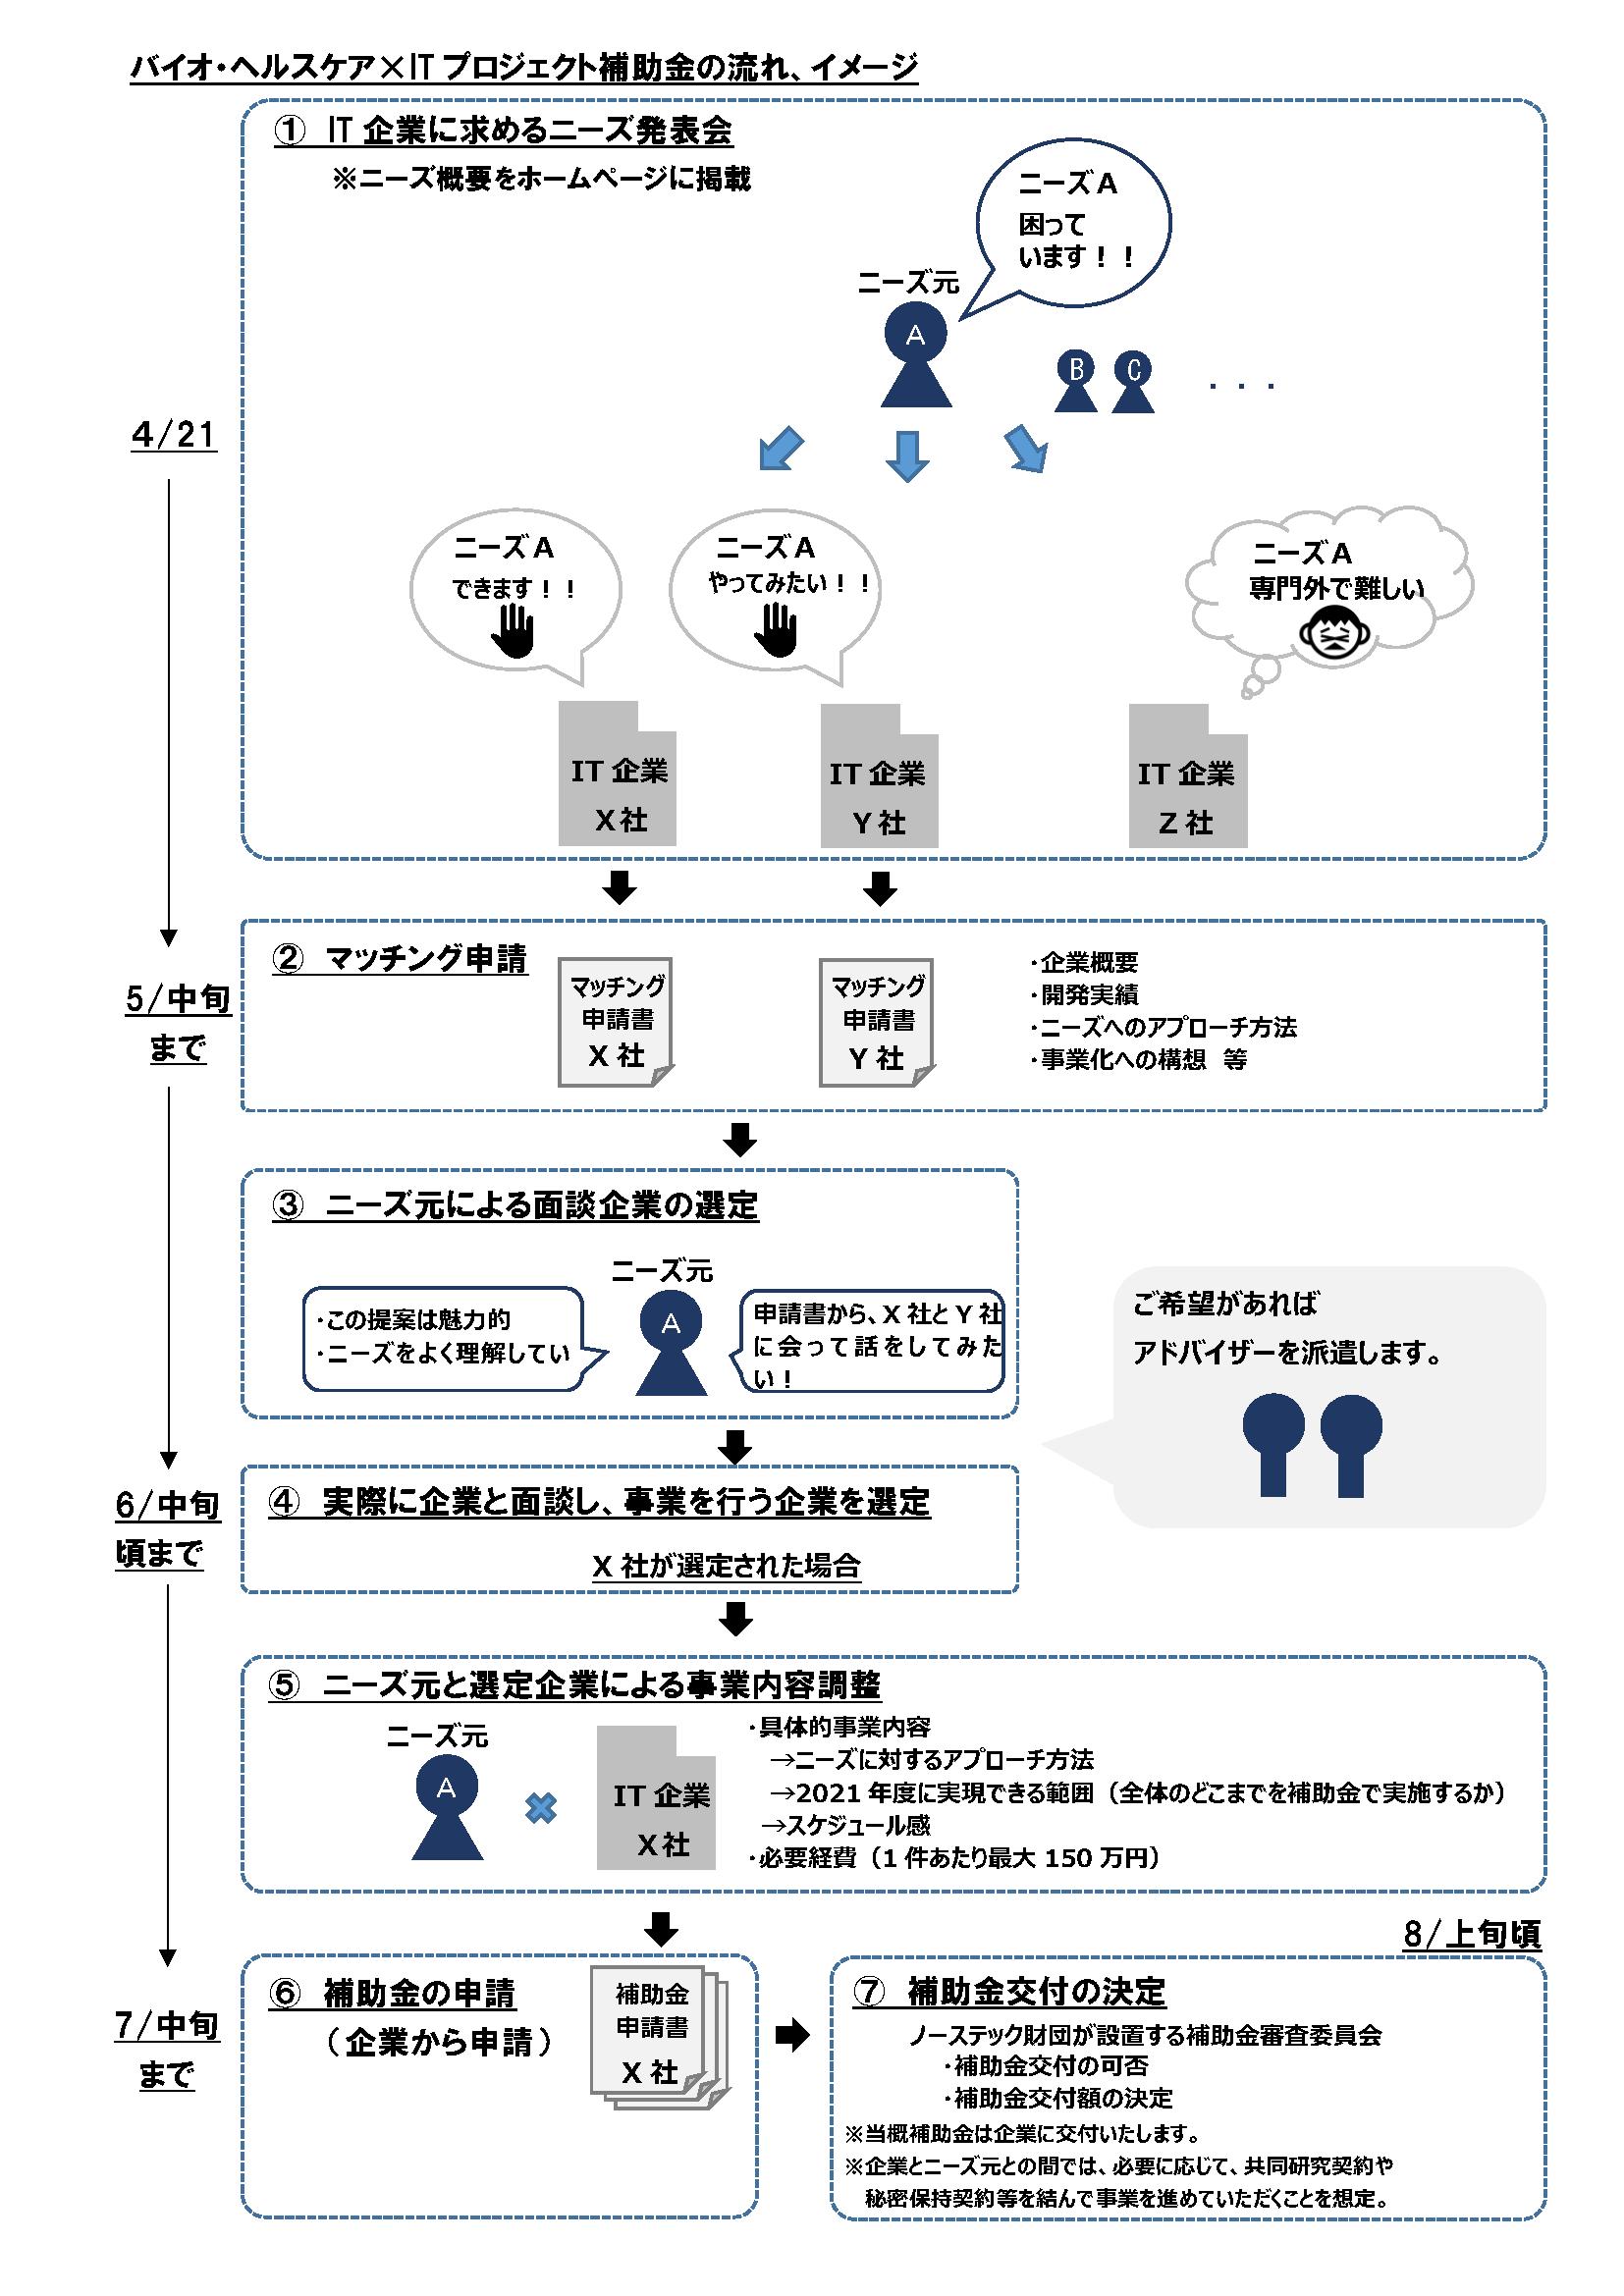 ニーズ発表会イメージvol5(小原修正).png